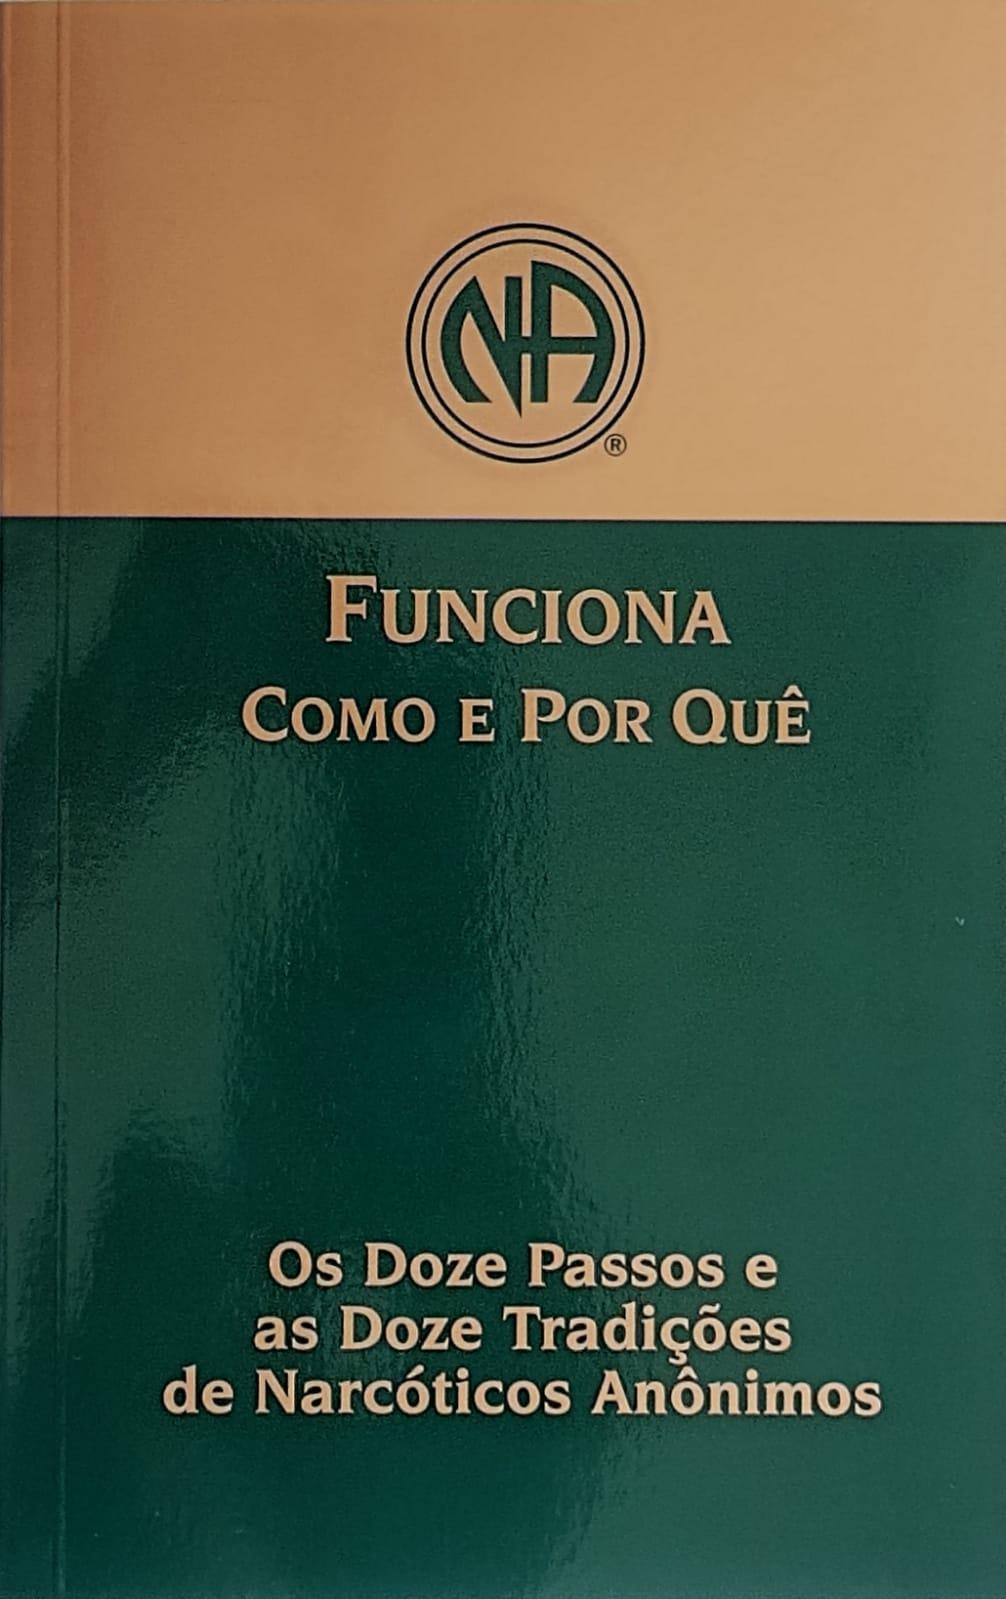 FUNCIONA COMO E POR QUÊ PB-1140